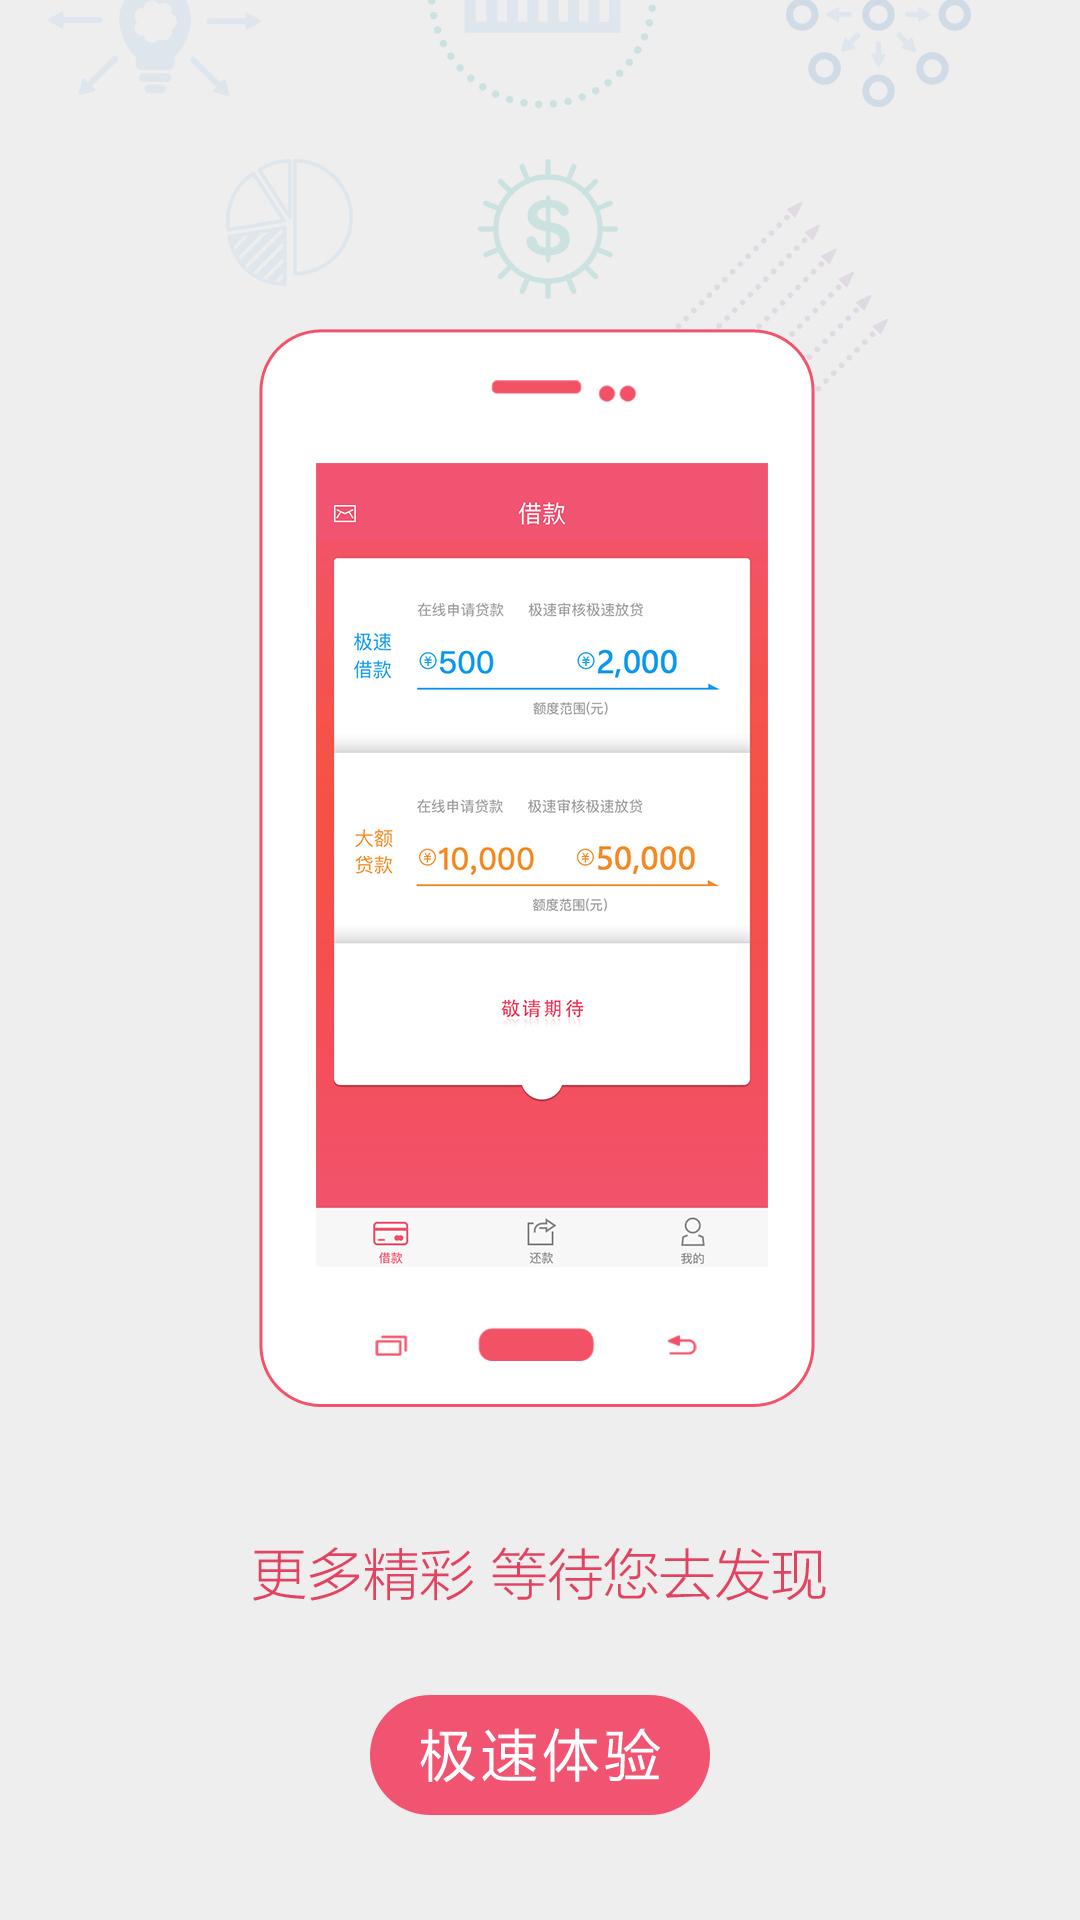 手机现金贷款app在哪里下载?手机现金贷款app下载地址介绍[图]